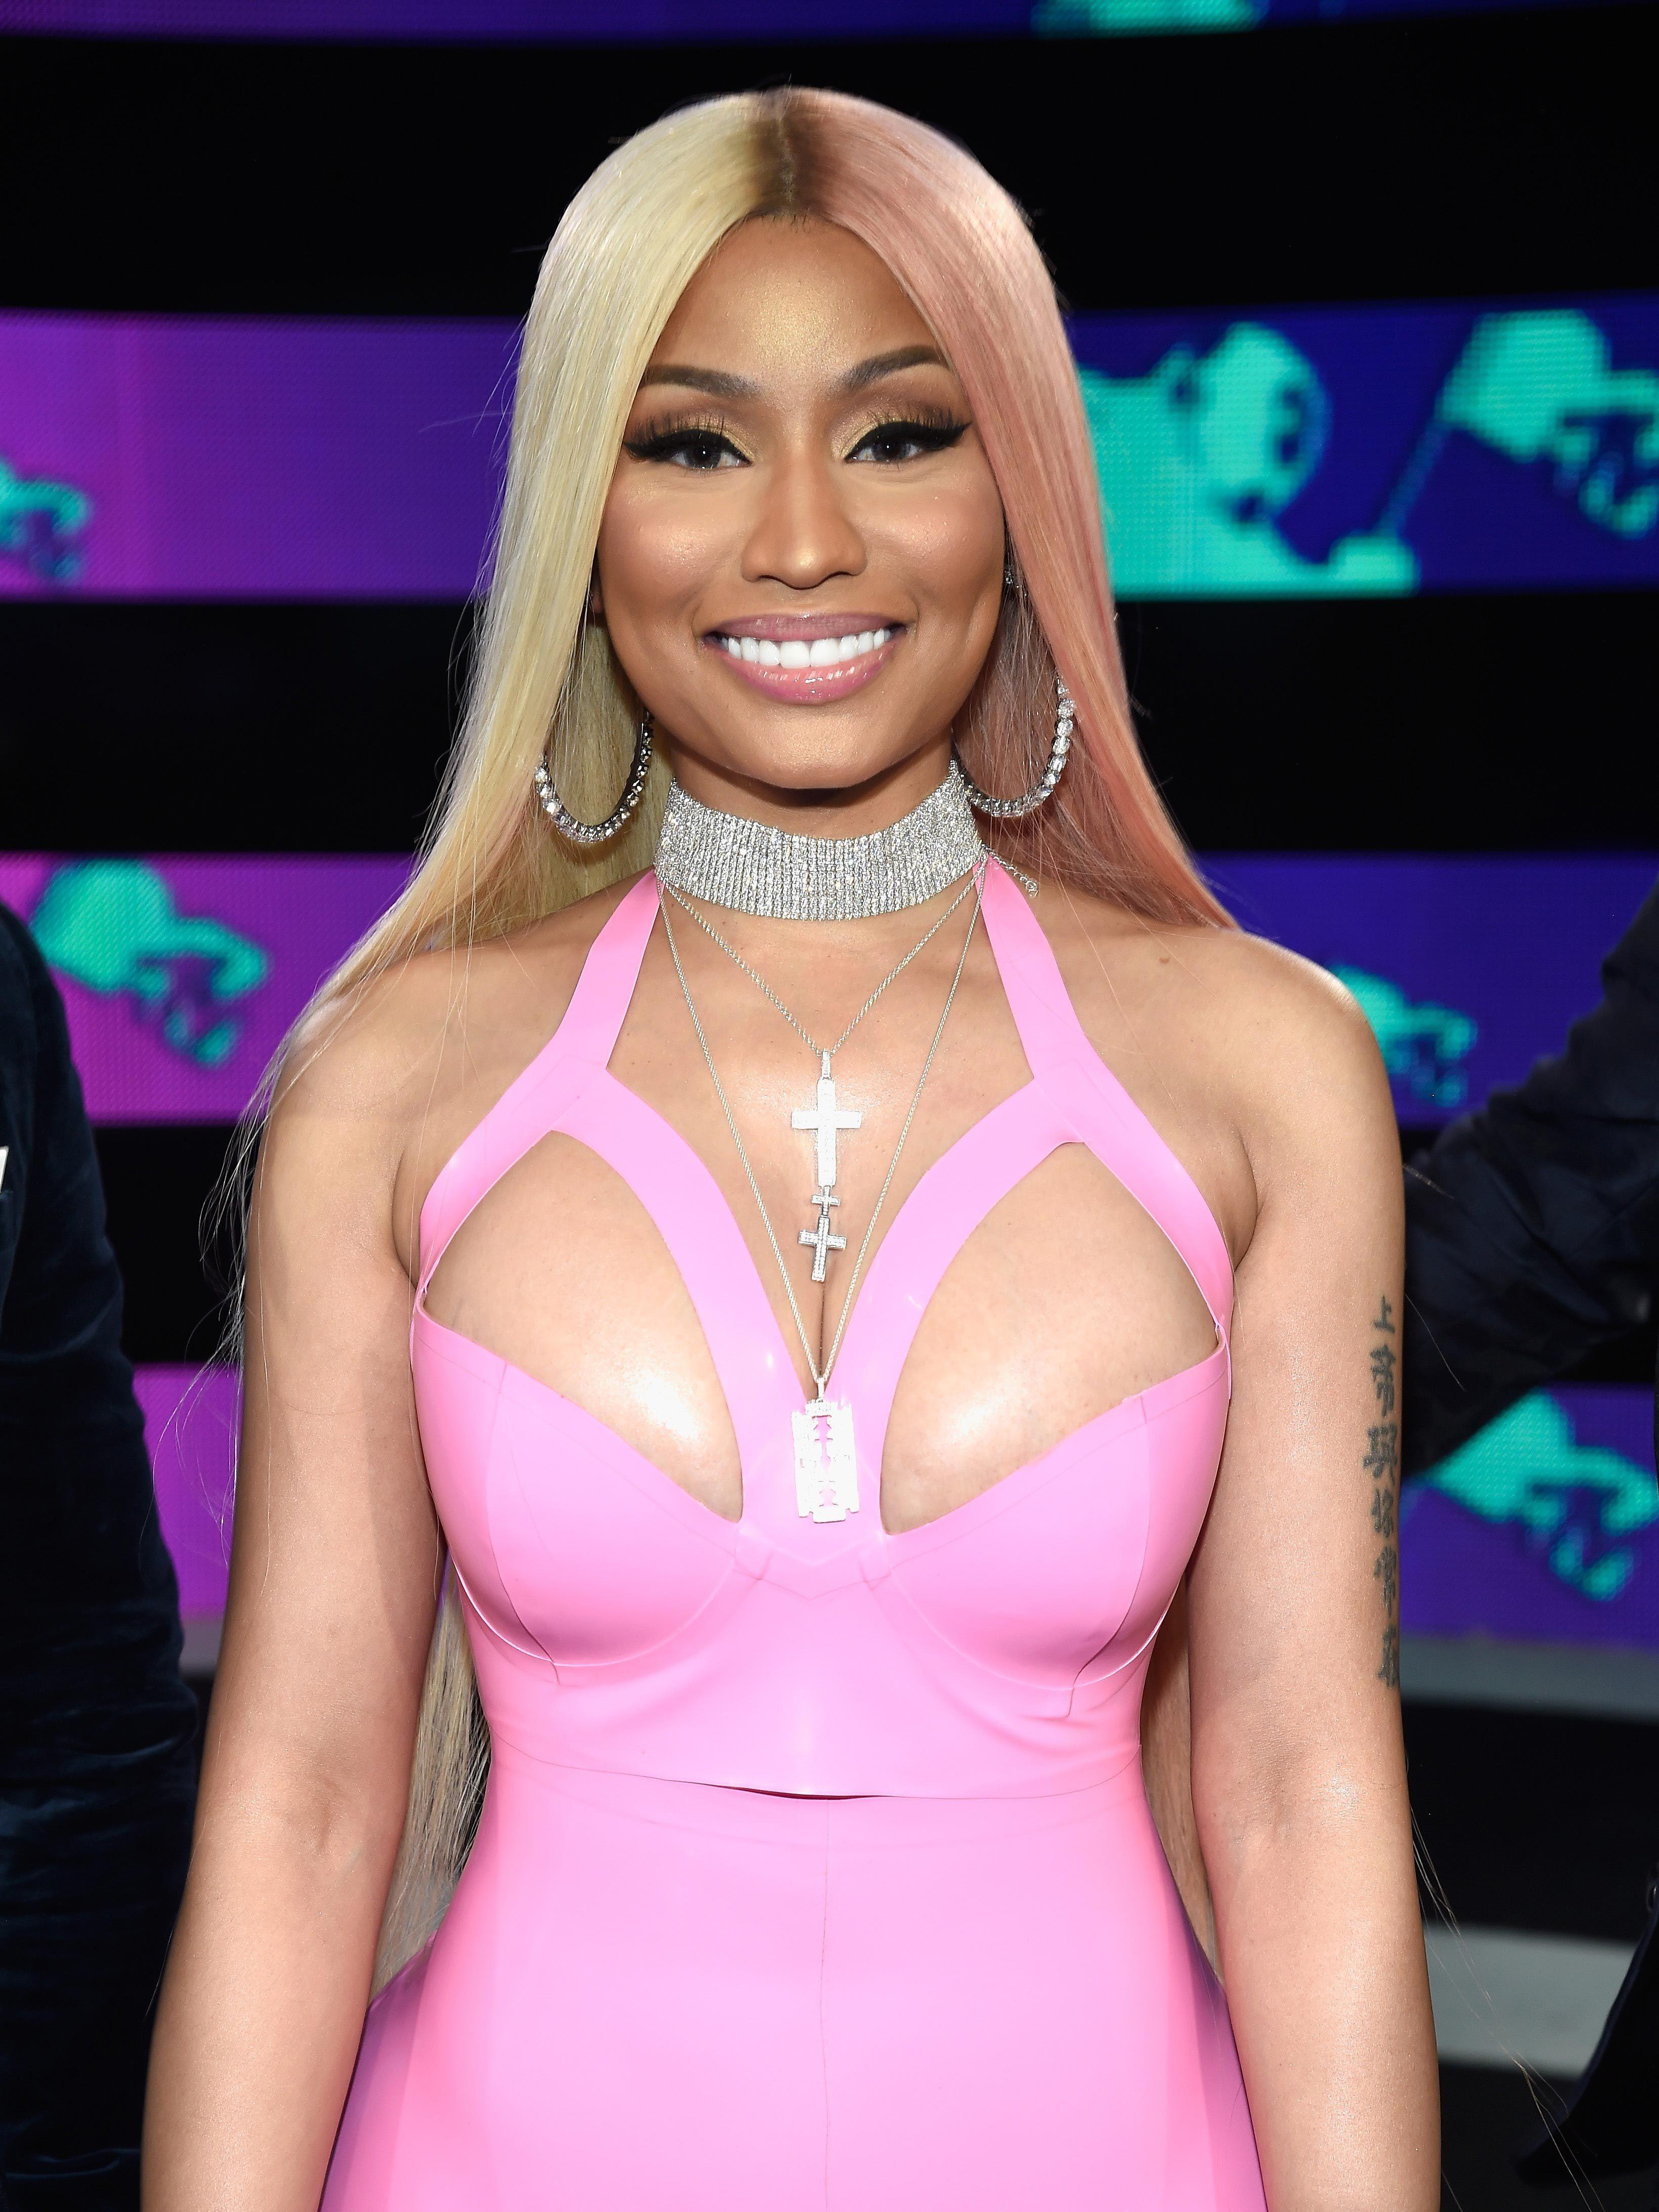 Nicki Minaj S Hair Is Now Half Pink Half Blonde And We Re